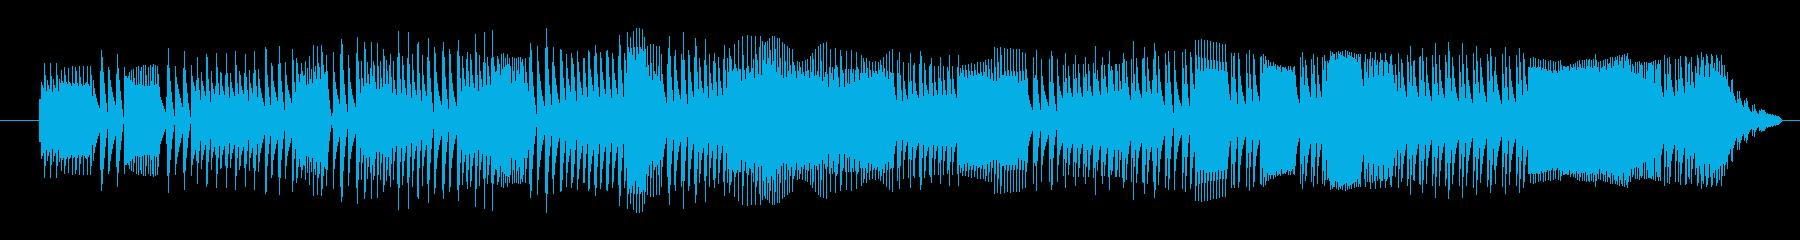 FX クレイジーサイエンティスト05の再生済みの波形